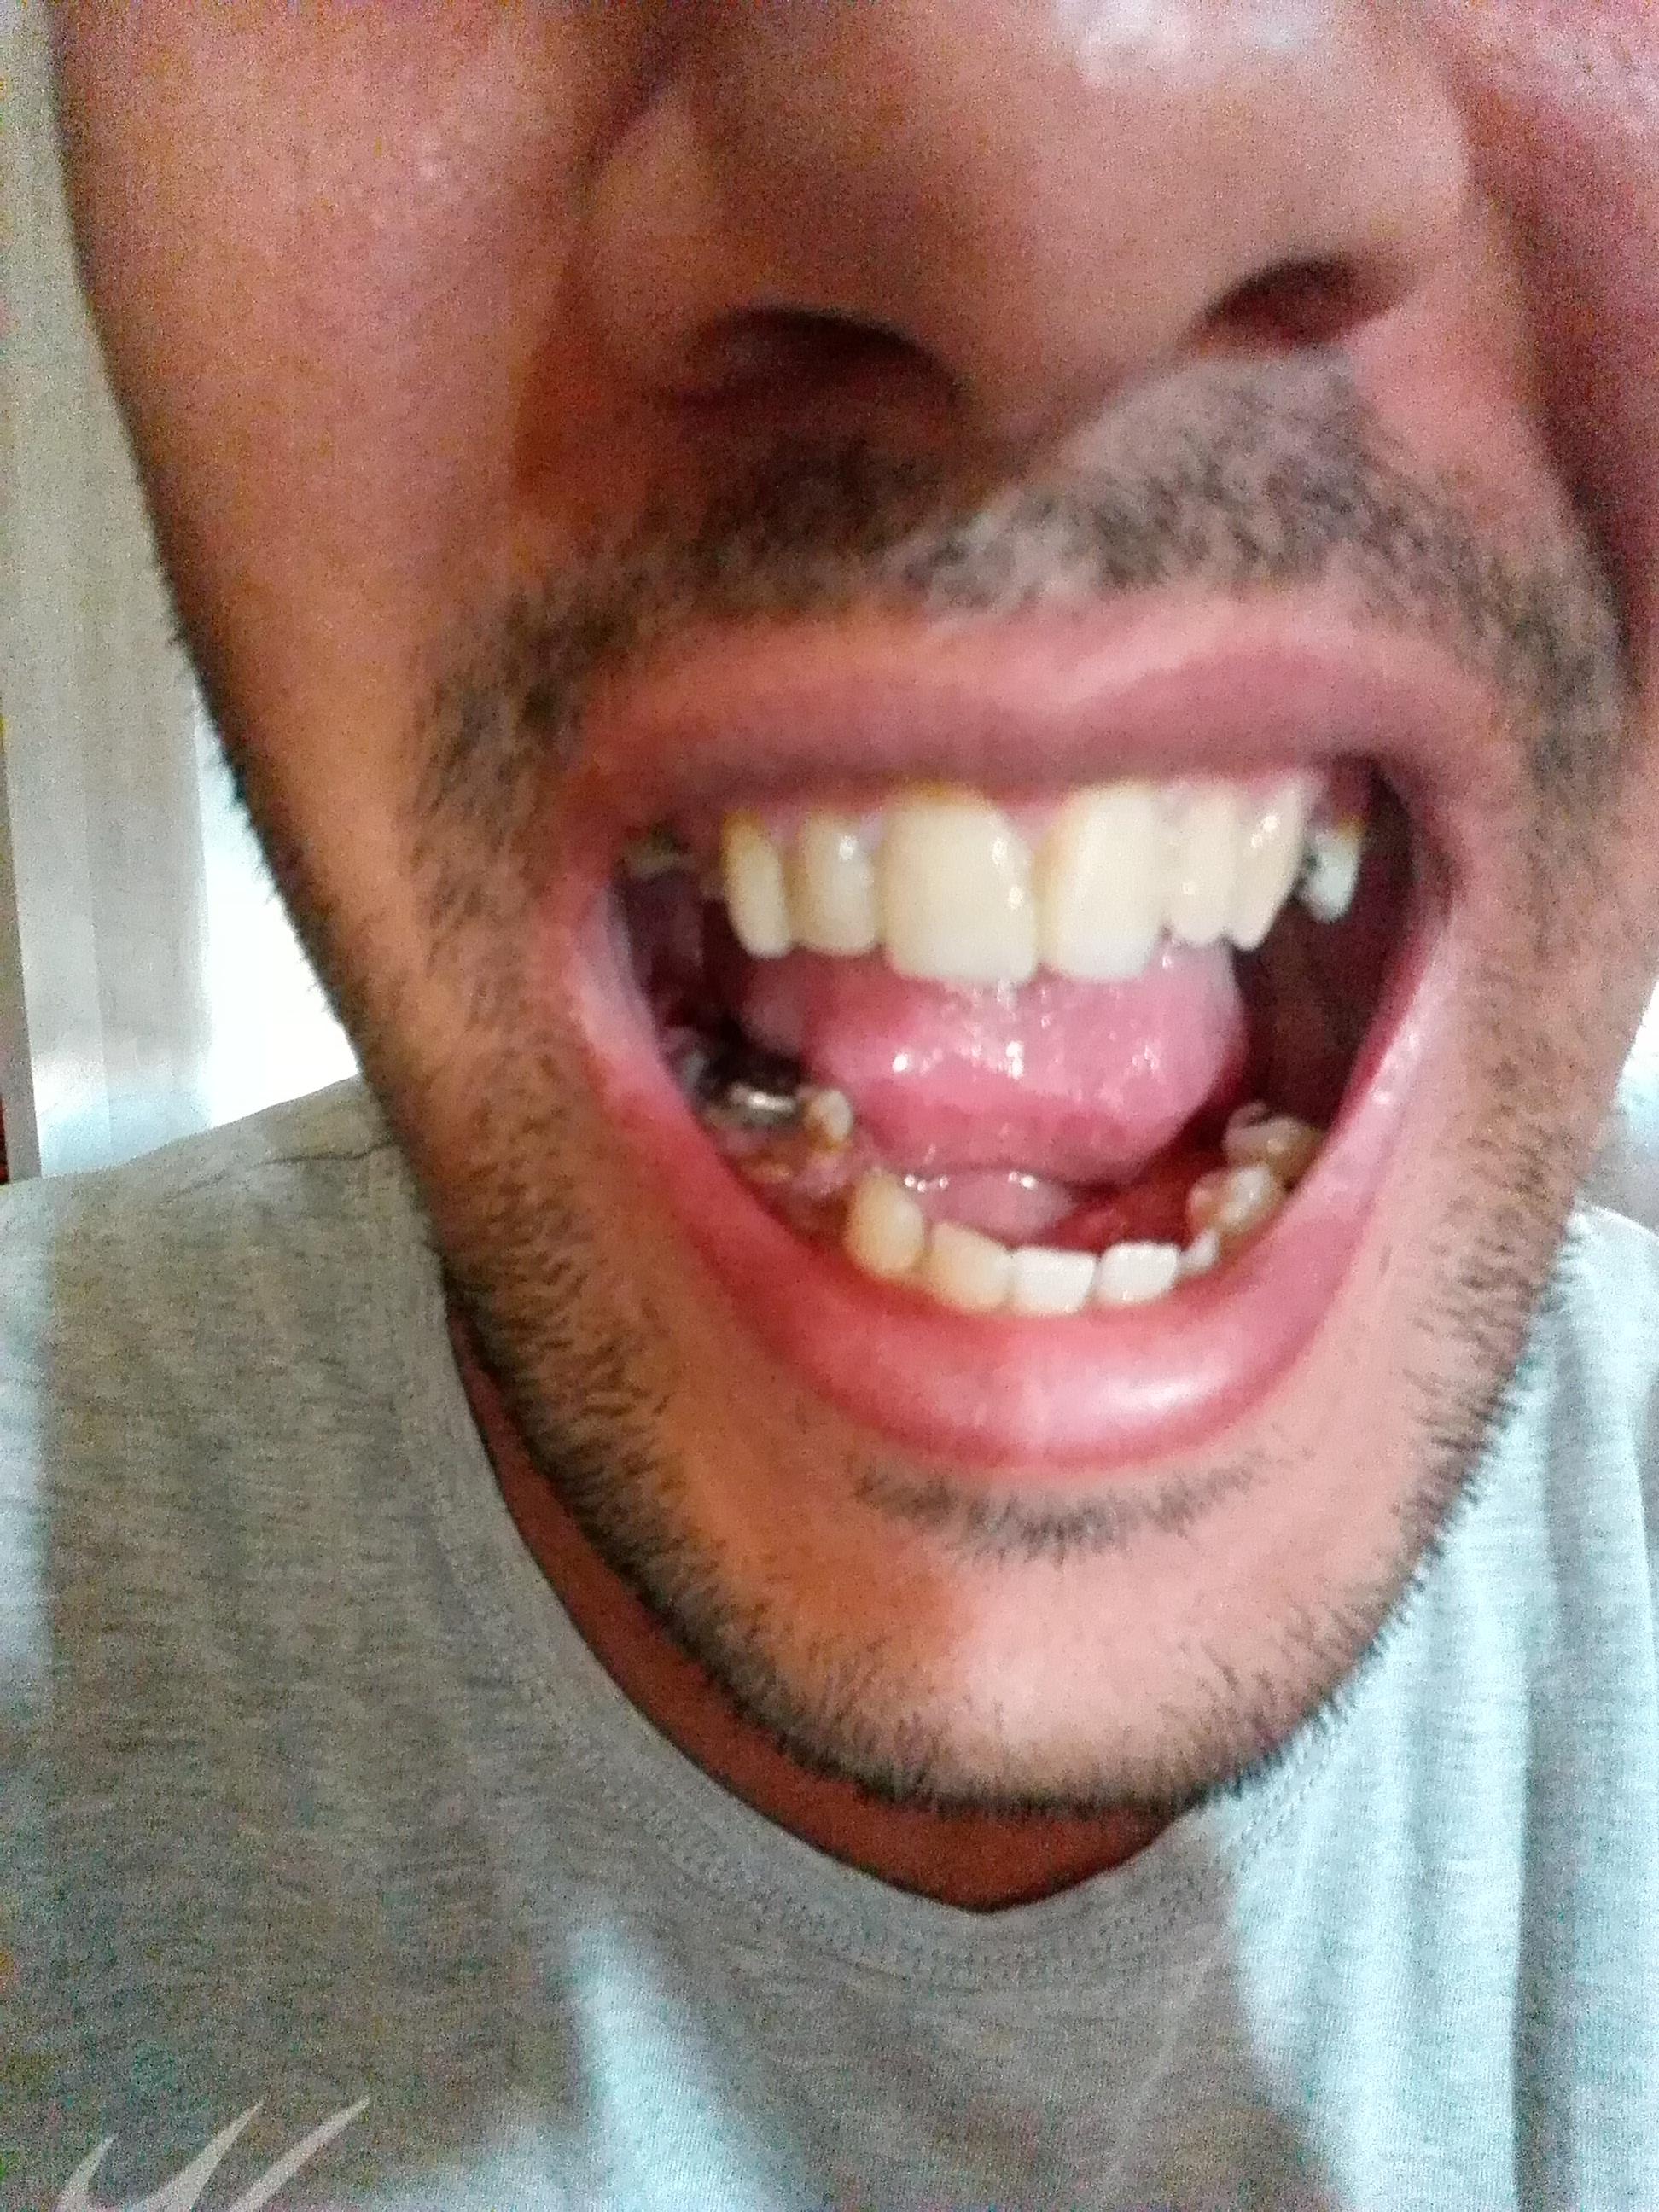 Il mio piu` grande desiderio è ridere senza dover vergognarmi di essere senza denti